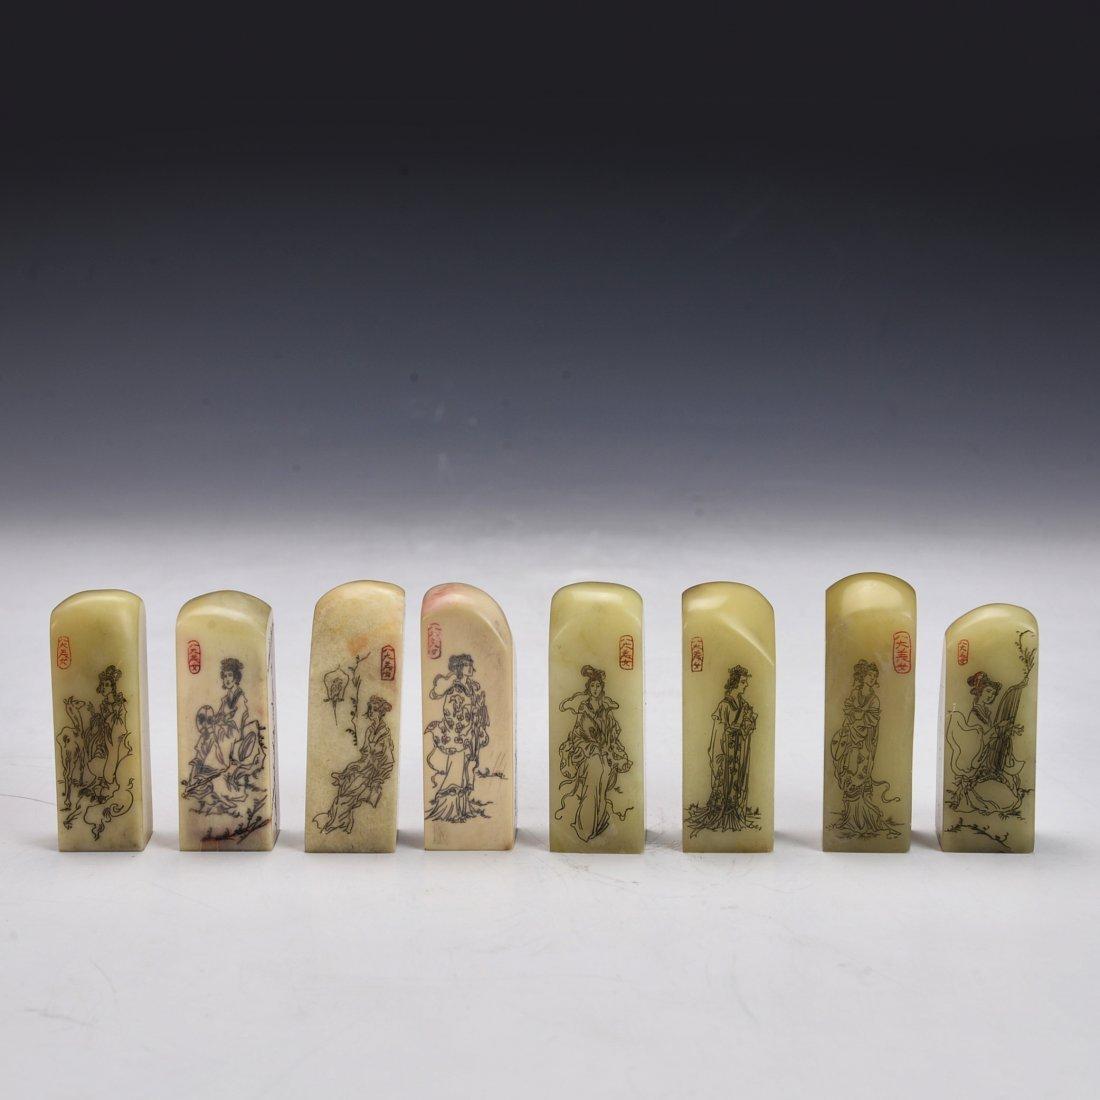 8 Pieces Shou San Stone Seal